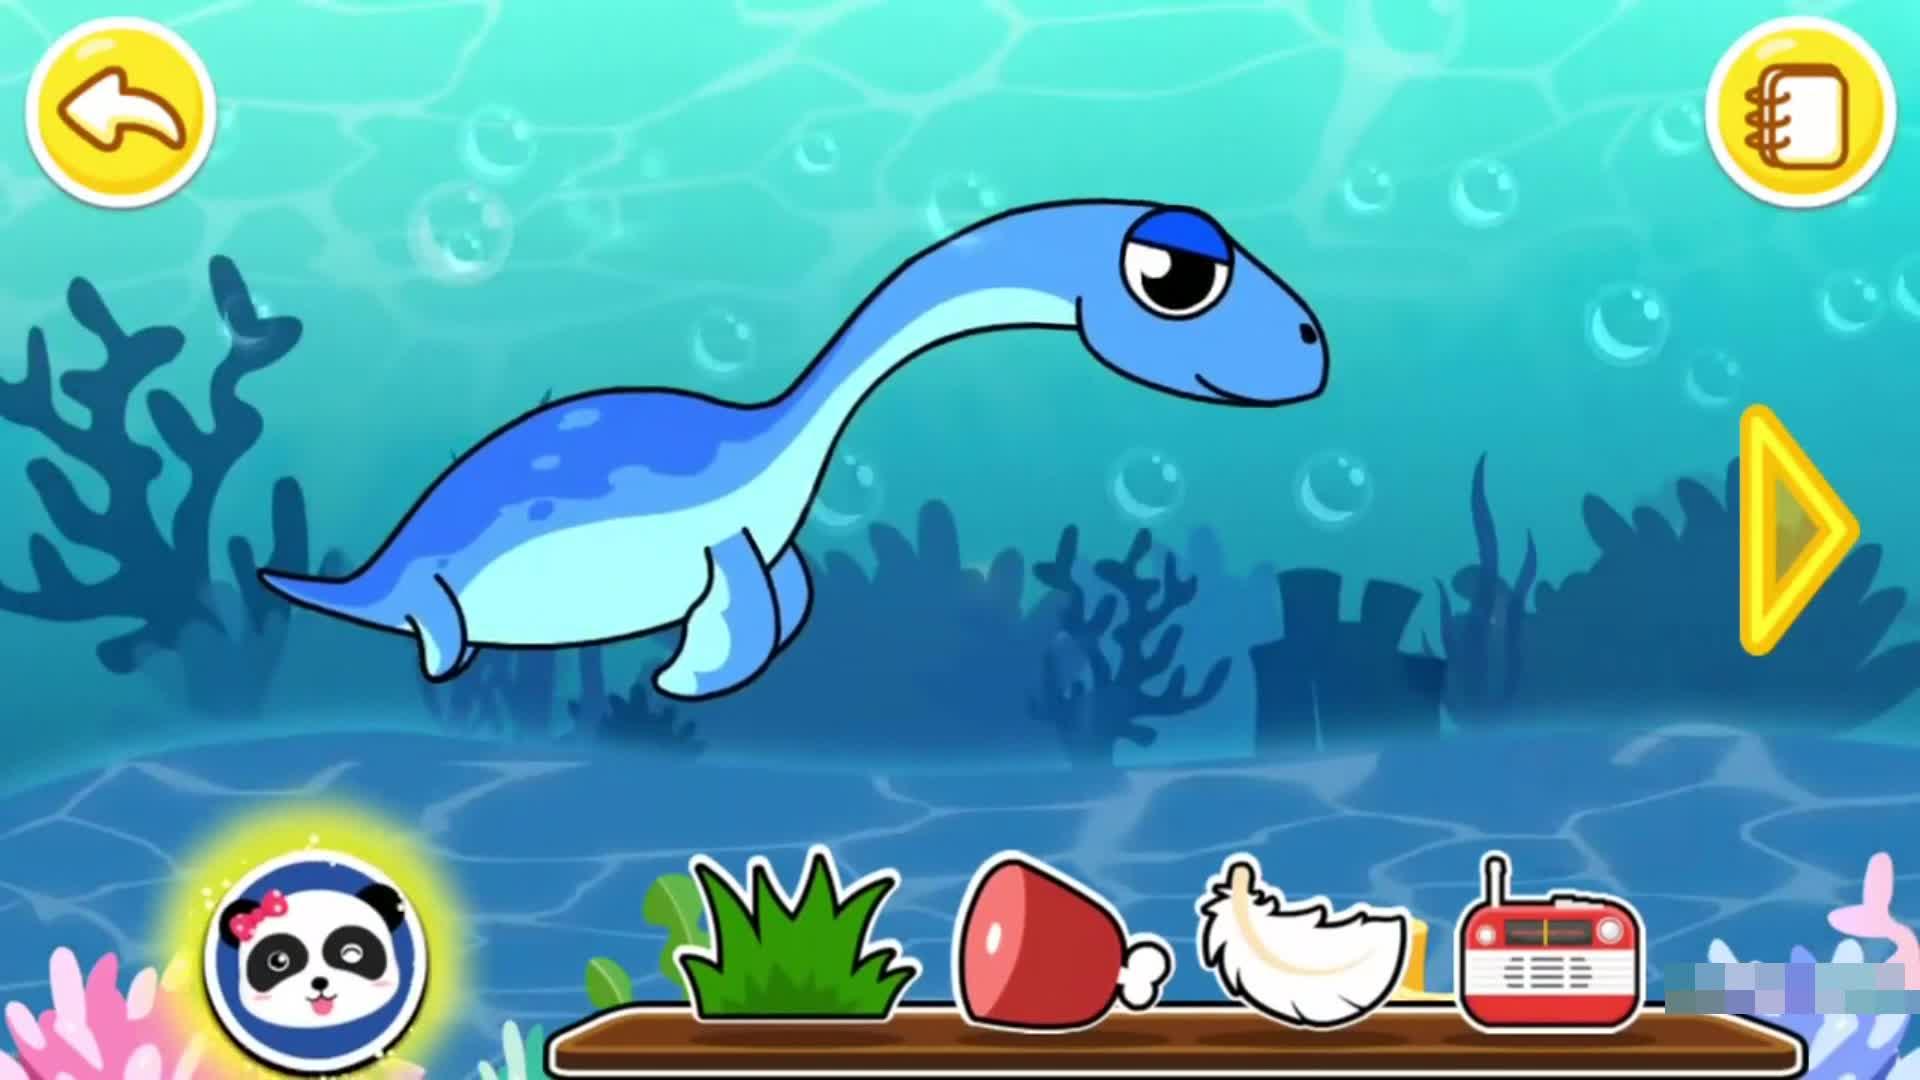 【熊蜂】恐龙世界总动员儿童游戏第31集蛇颈龙图片